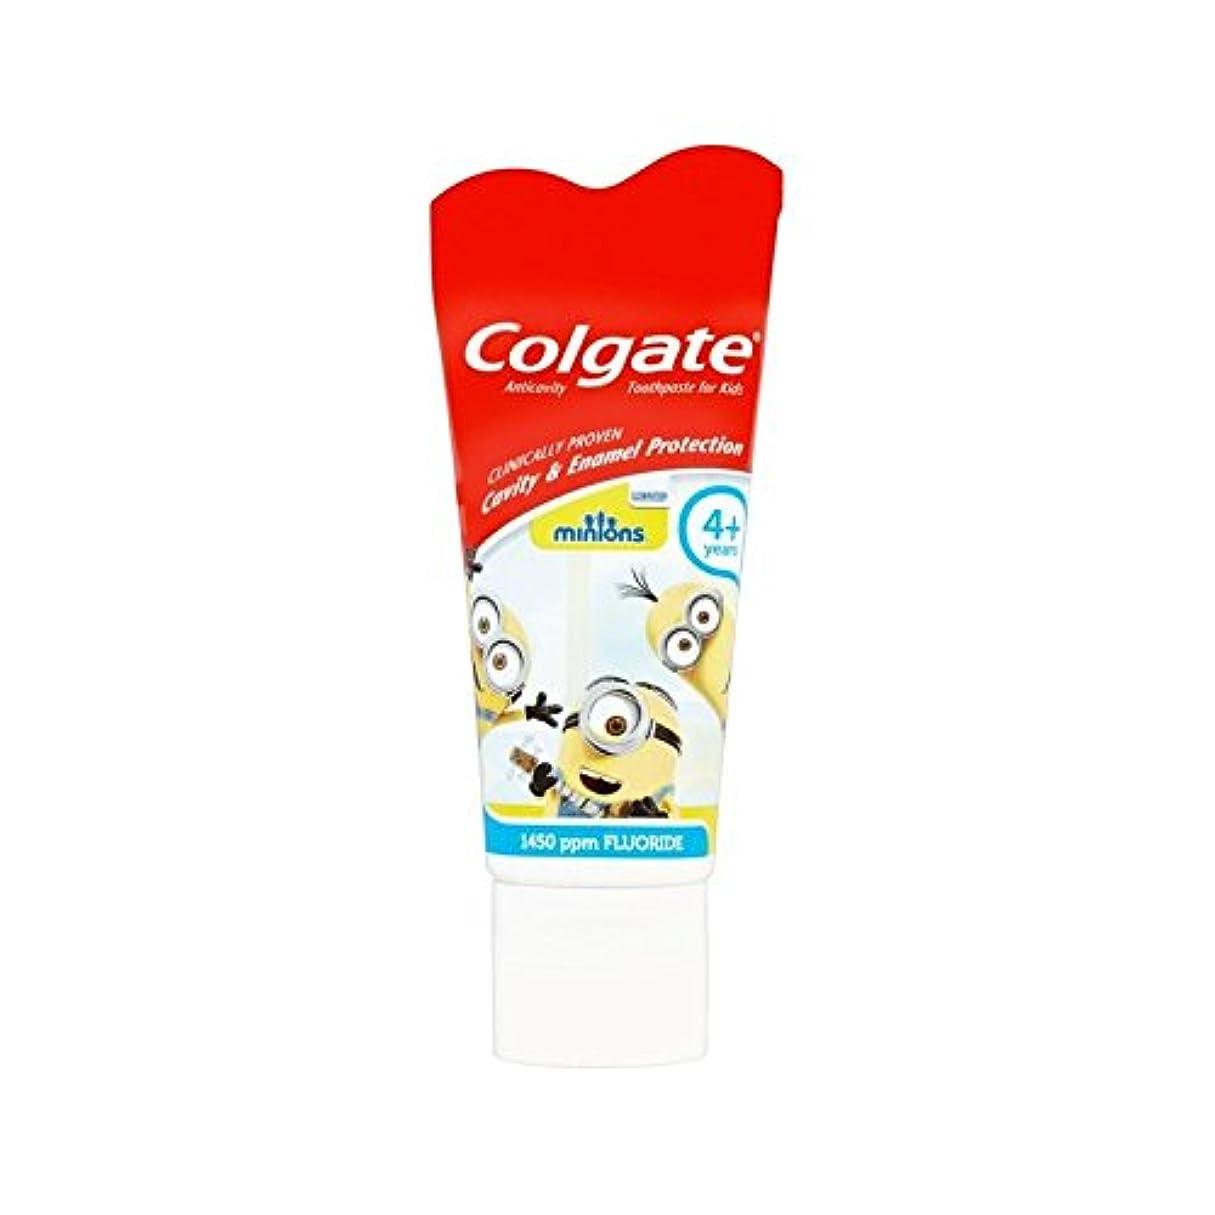 器官名門記者手下の子供4+歯磨き粉50ミリリットル (Colgate) (x 6) - Colgate Minions Kids 4+ Toothpaste 50ml (Pack of 6) [並行輸入品]